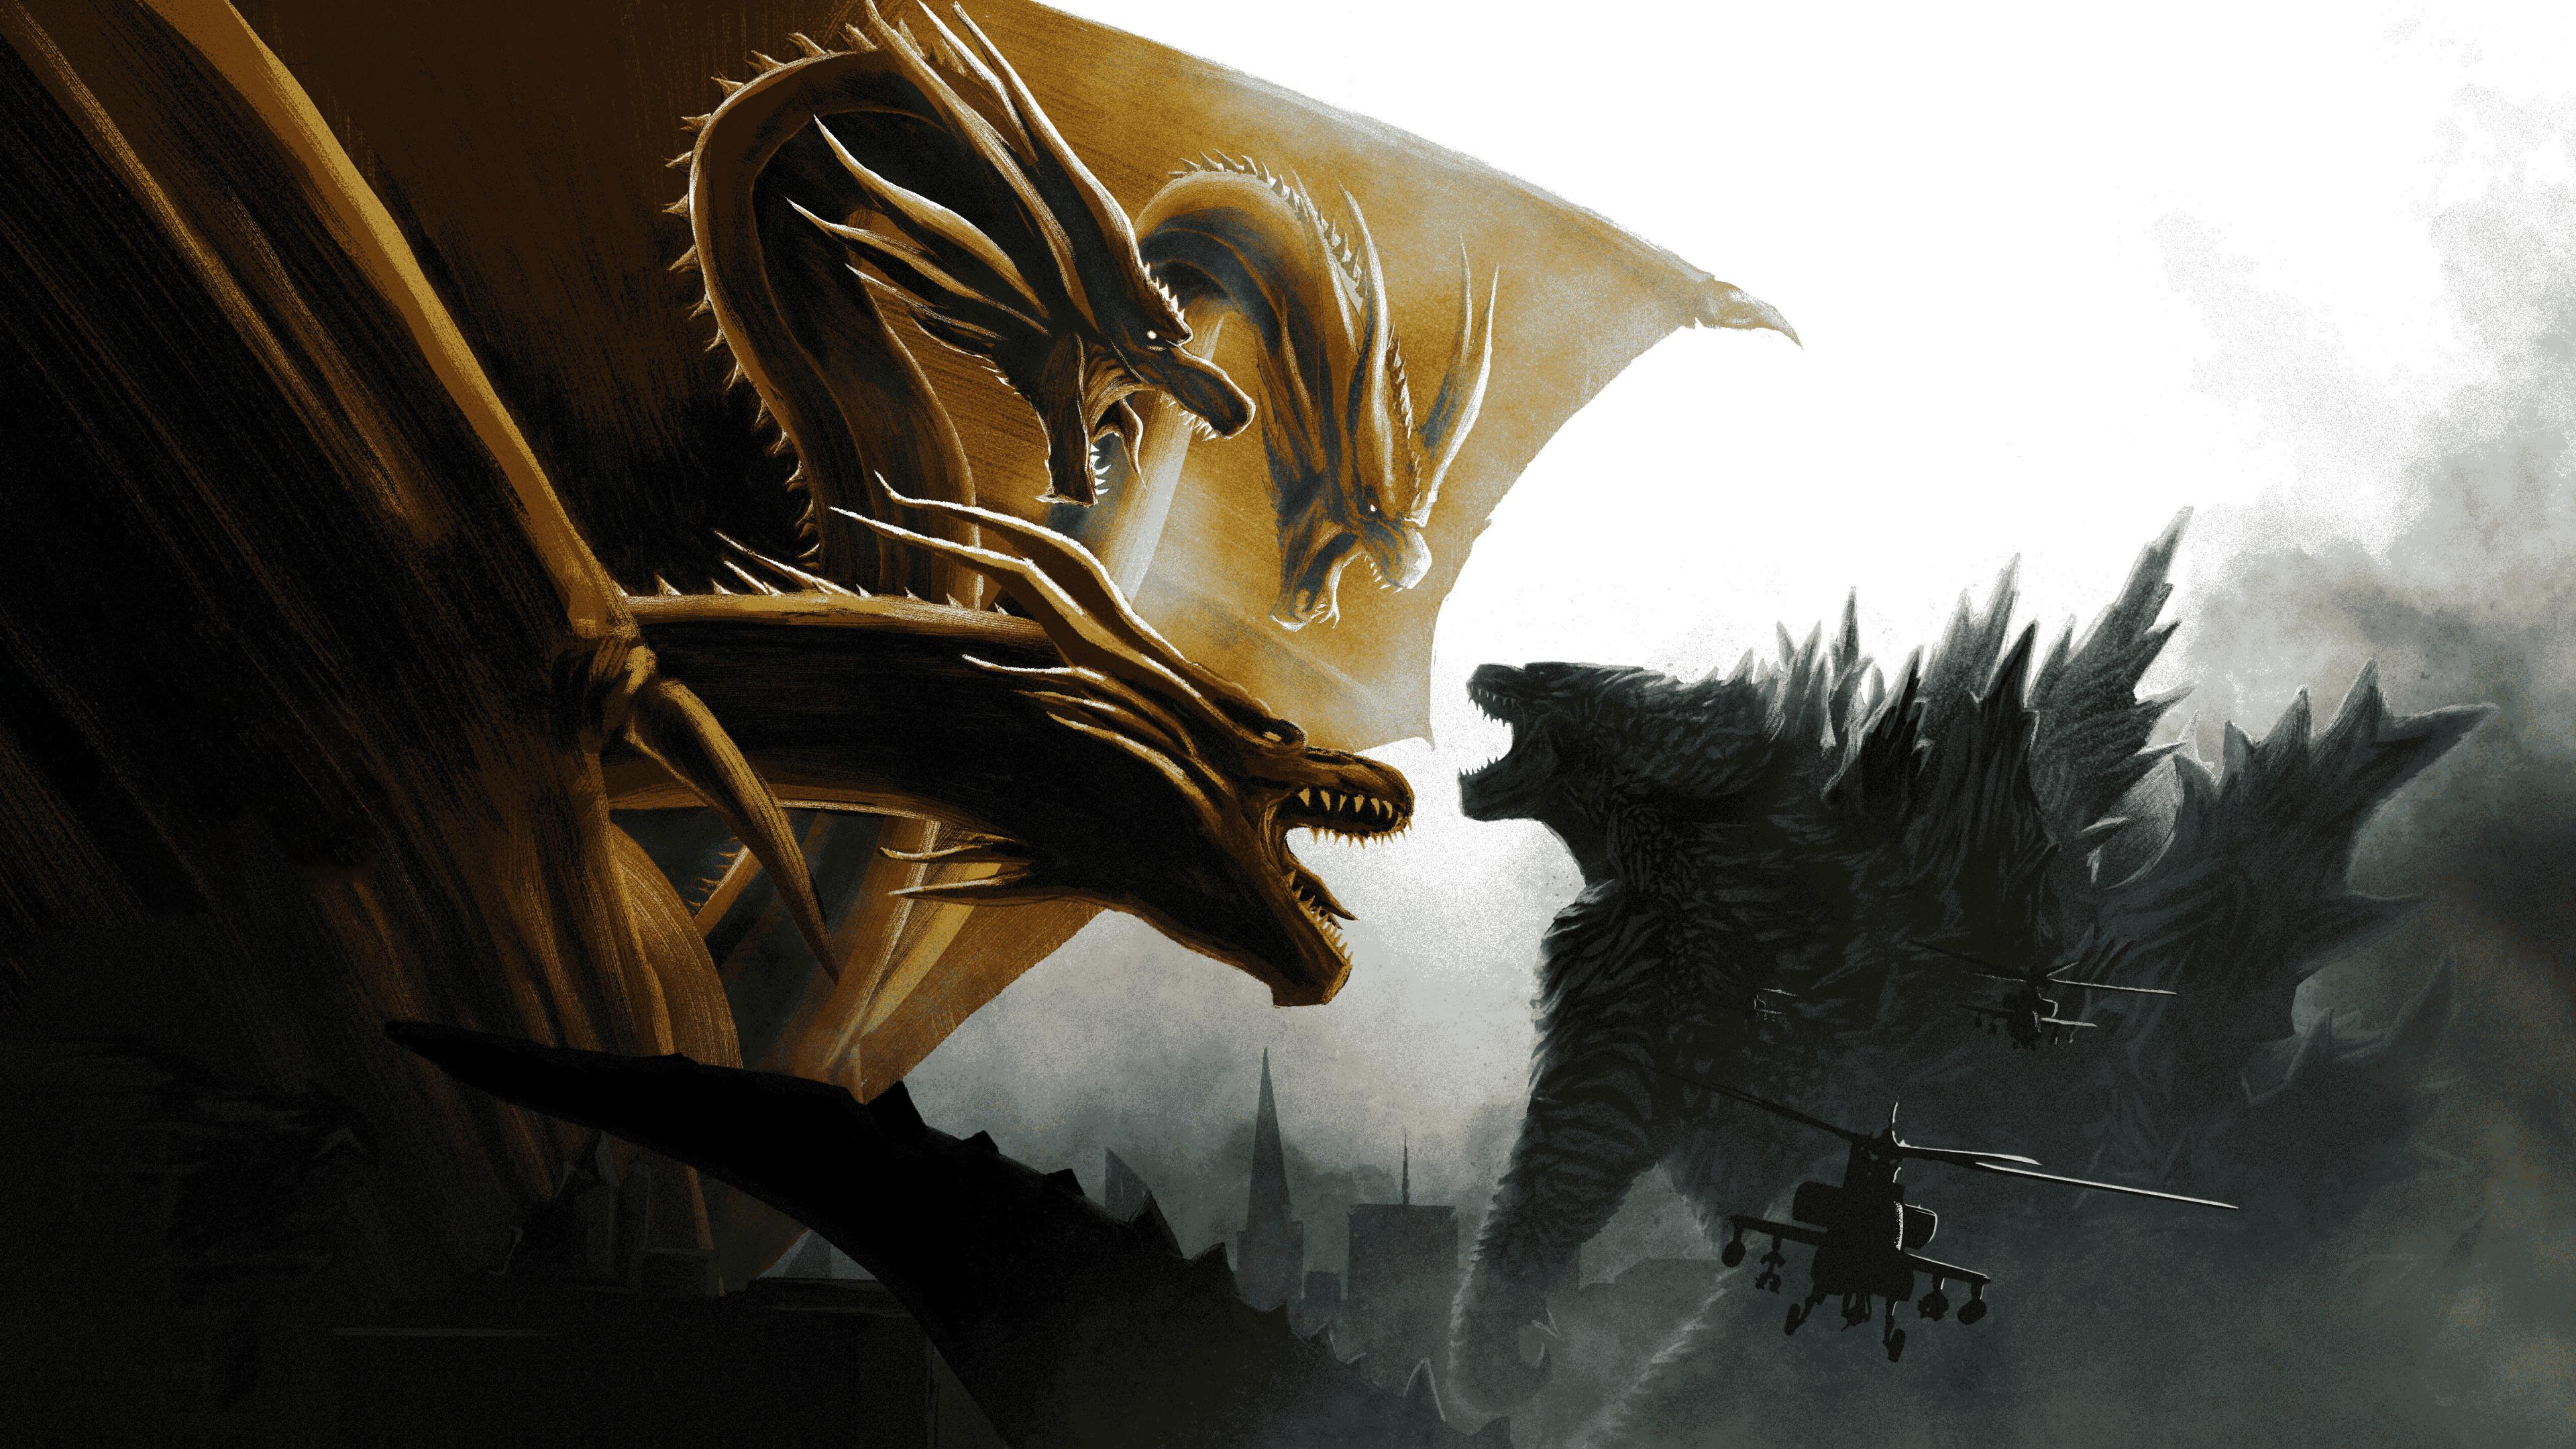 3840x2160 Godzilla vs King Ghidorah In Godzilla King of the 3840x2160